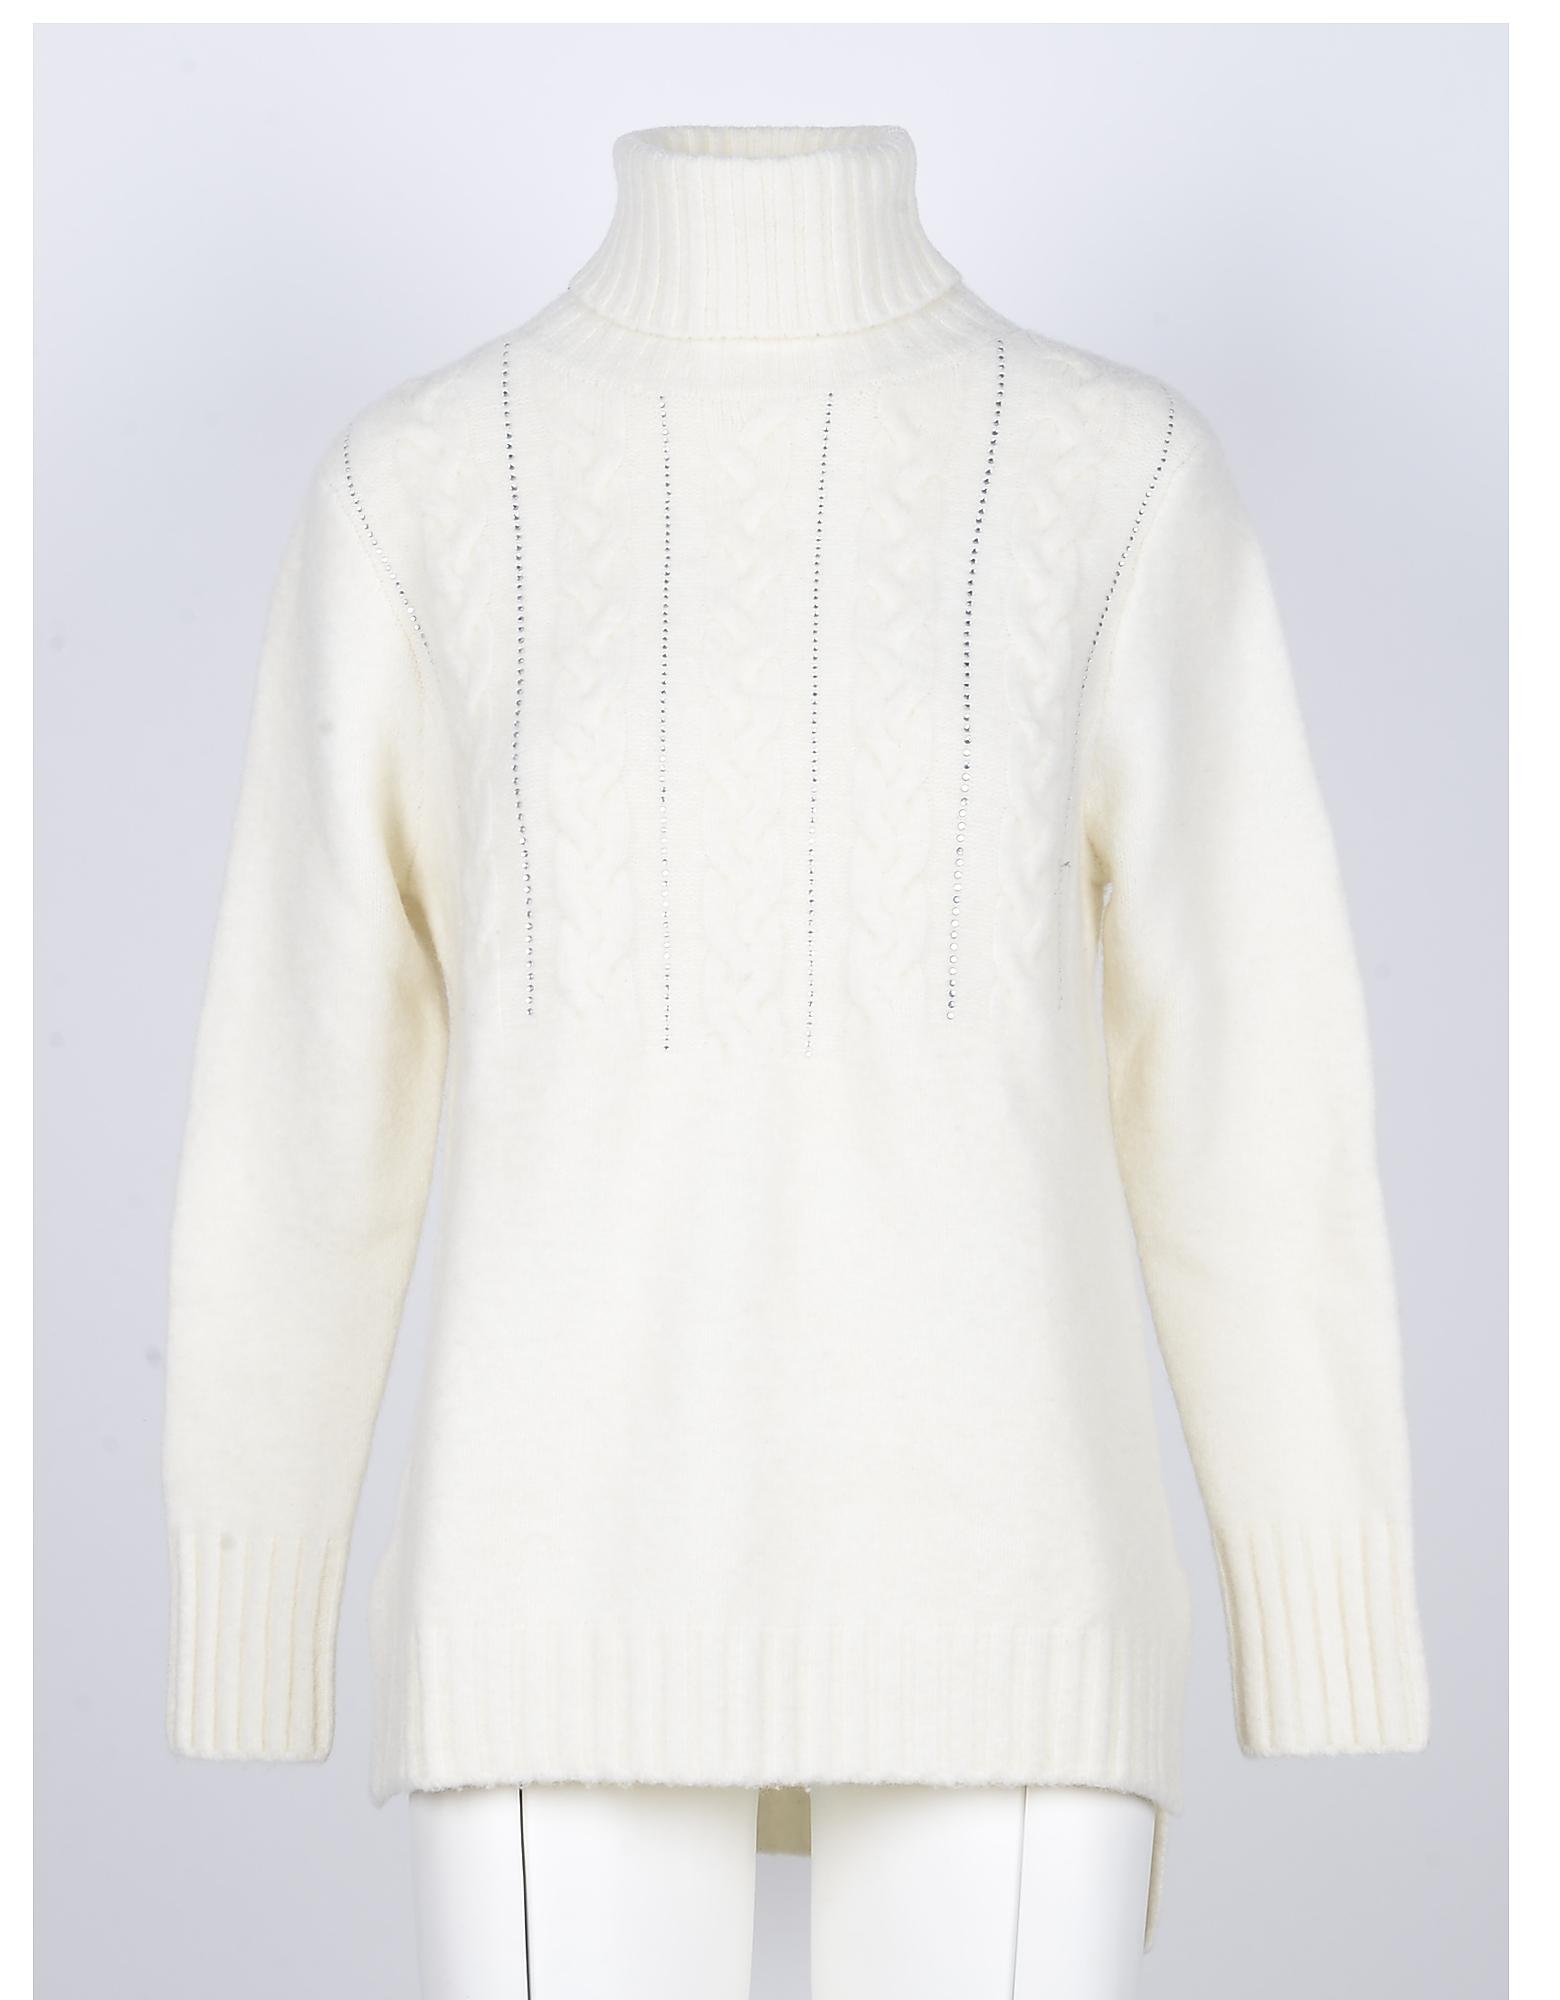 SNOBBY SHEEP Designer Knitwear, White Yak Wool Women's Turtleneck Sweater